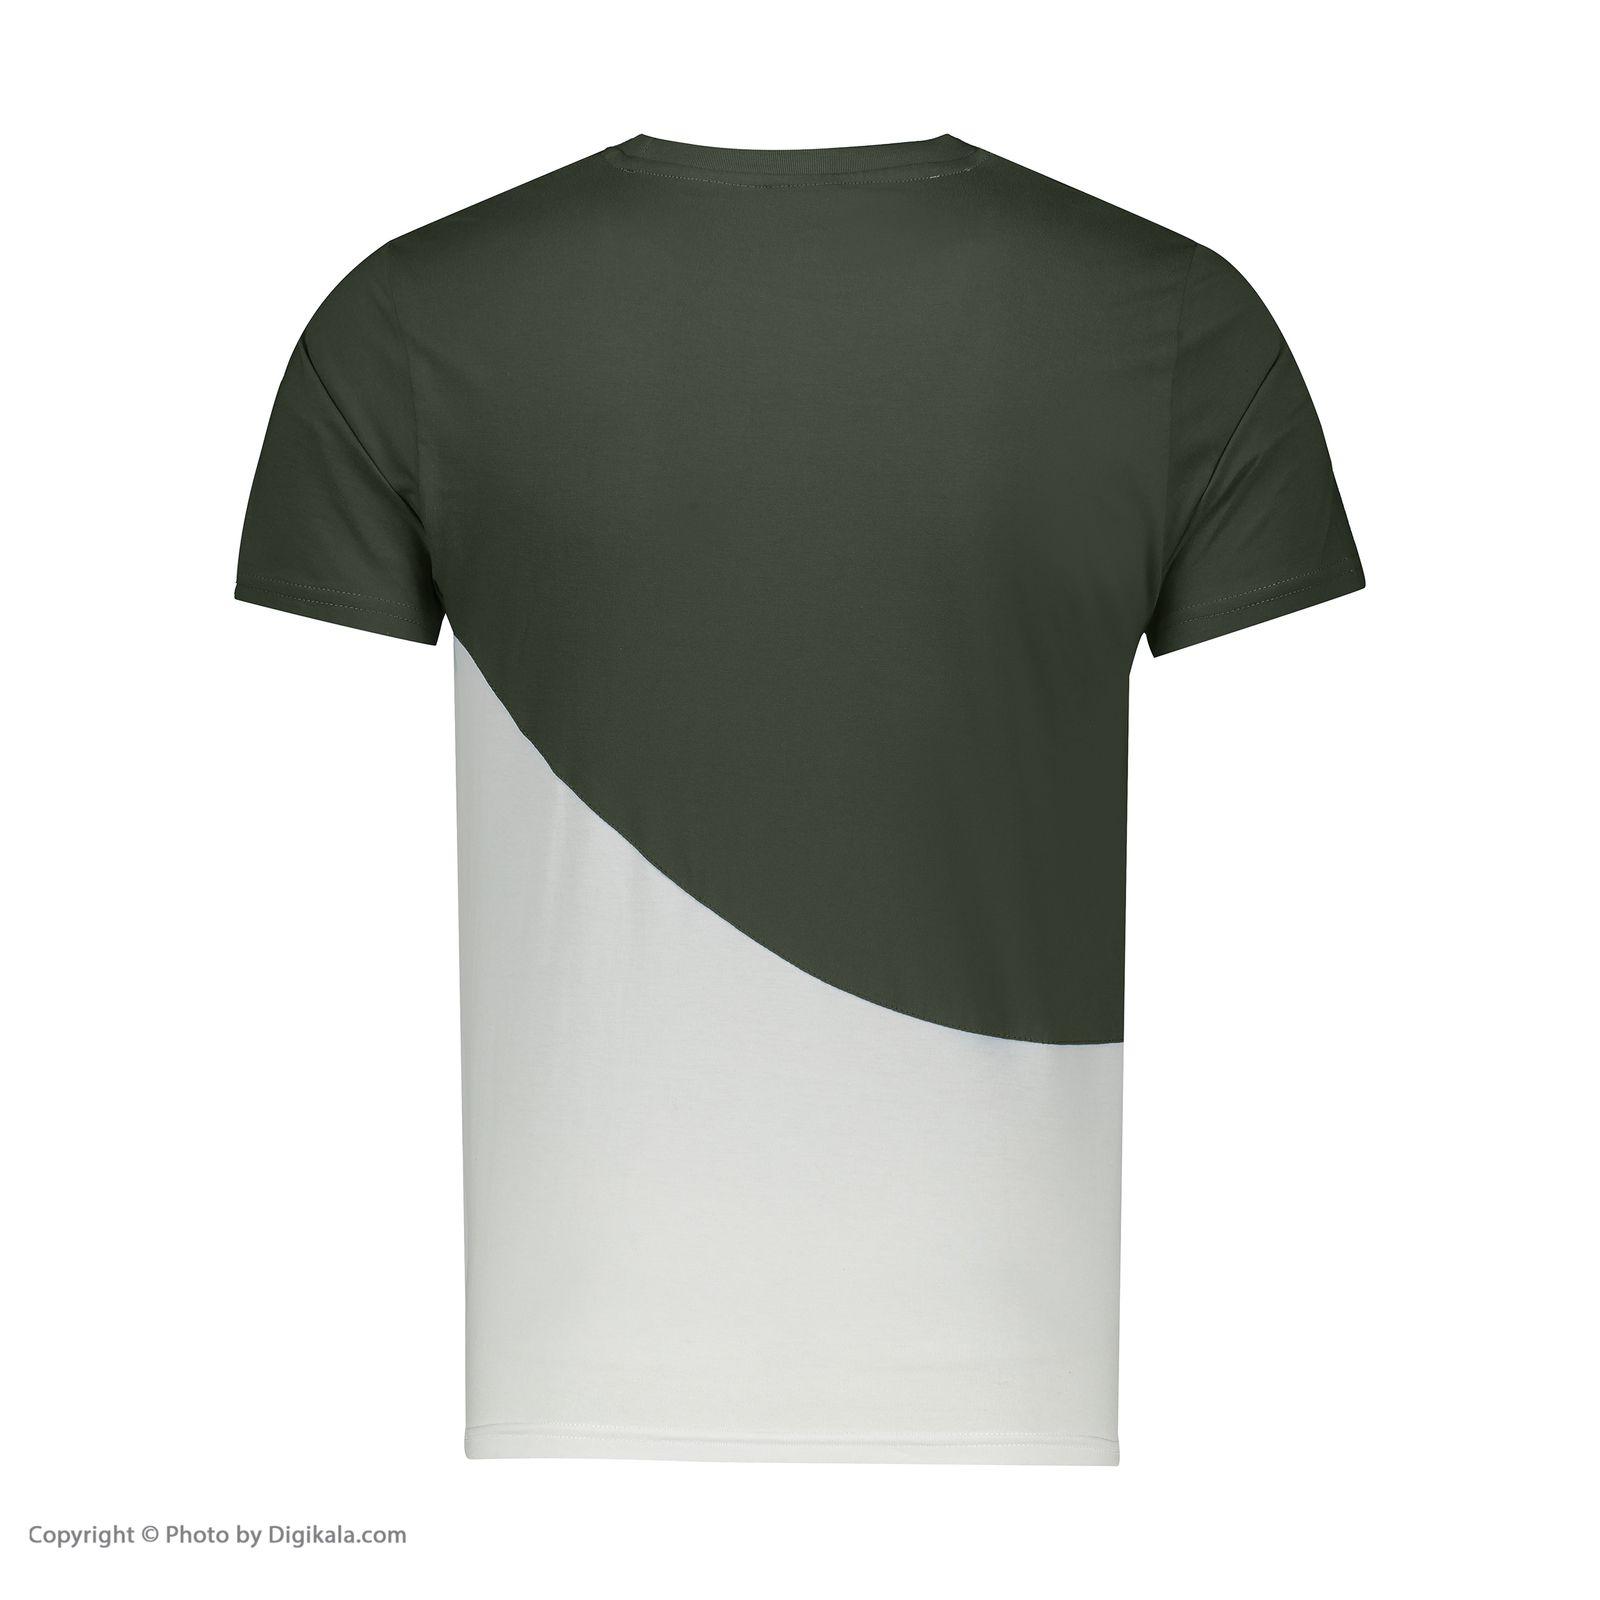 تی شرت ورزشی مردانه بی فور ران مدل 210314-4301 -  - 6